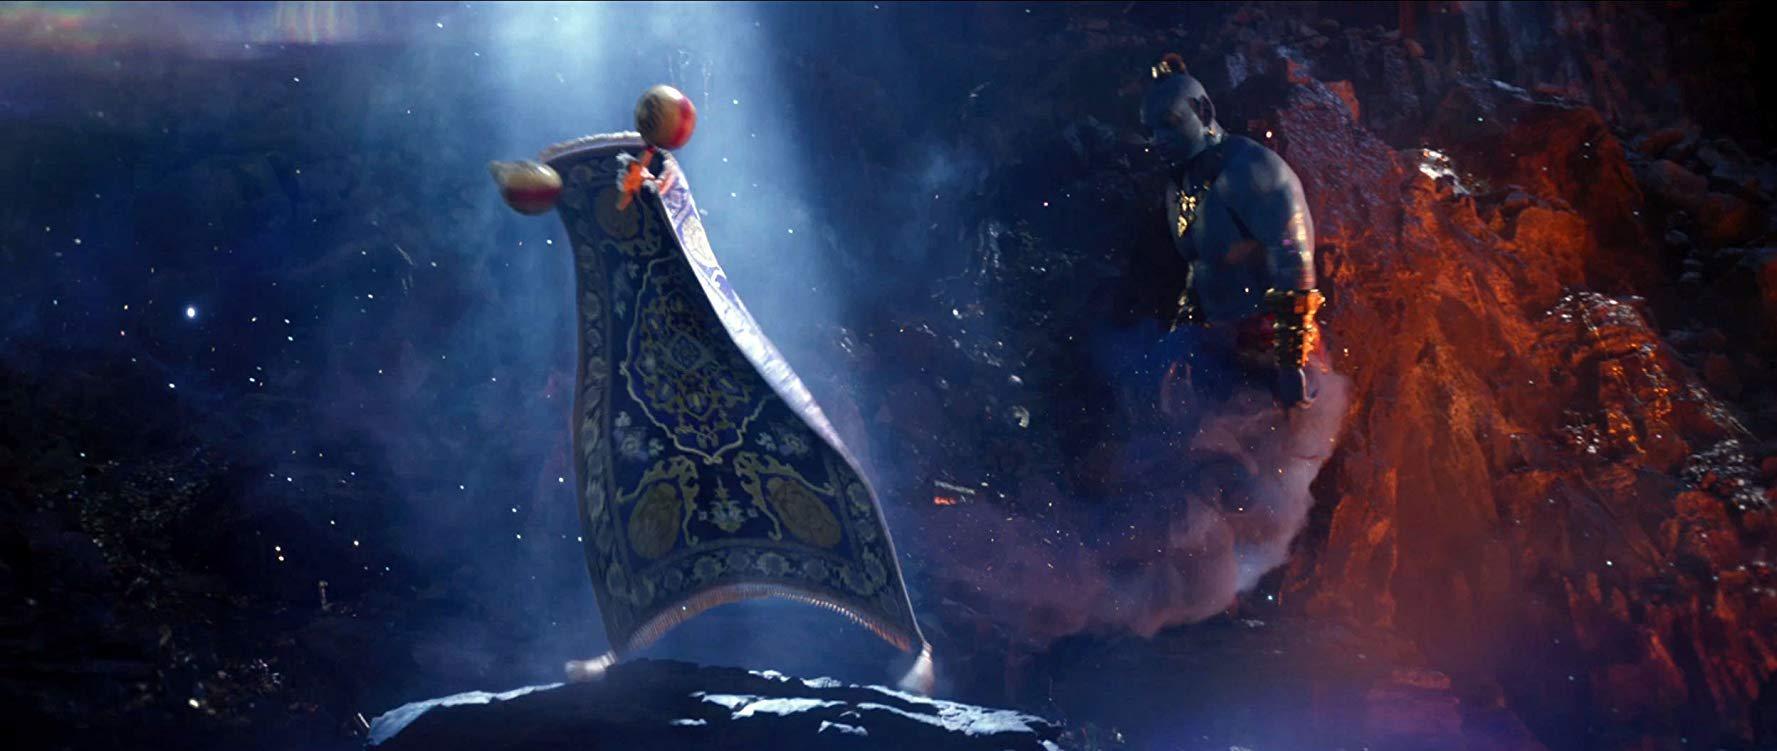 Watch Aladdin (2019) Full Movie Online Free   Watch Aladdin (2019) Full Movie Online 123Movies